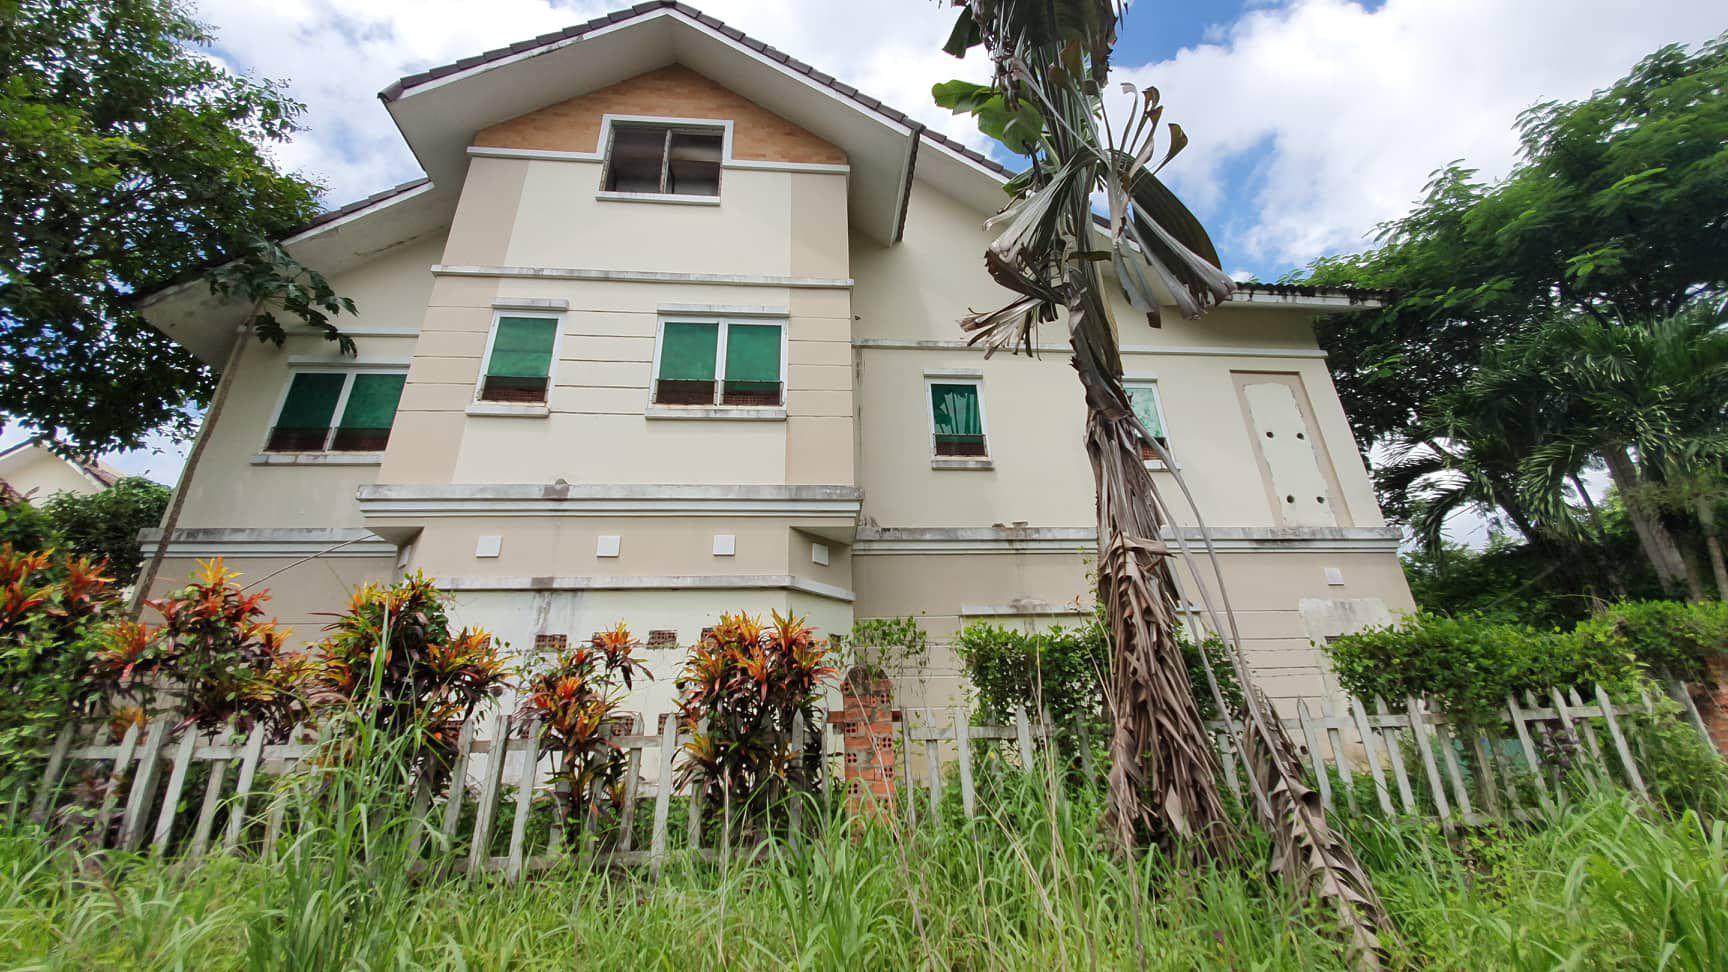 La liệt chung cư, biệt thự bỏ hoang ở Nhơn Trạch - 2